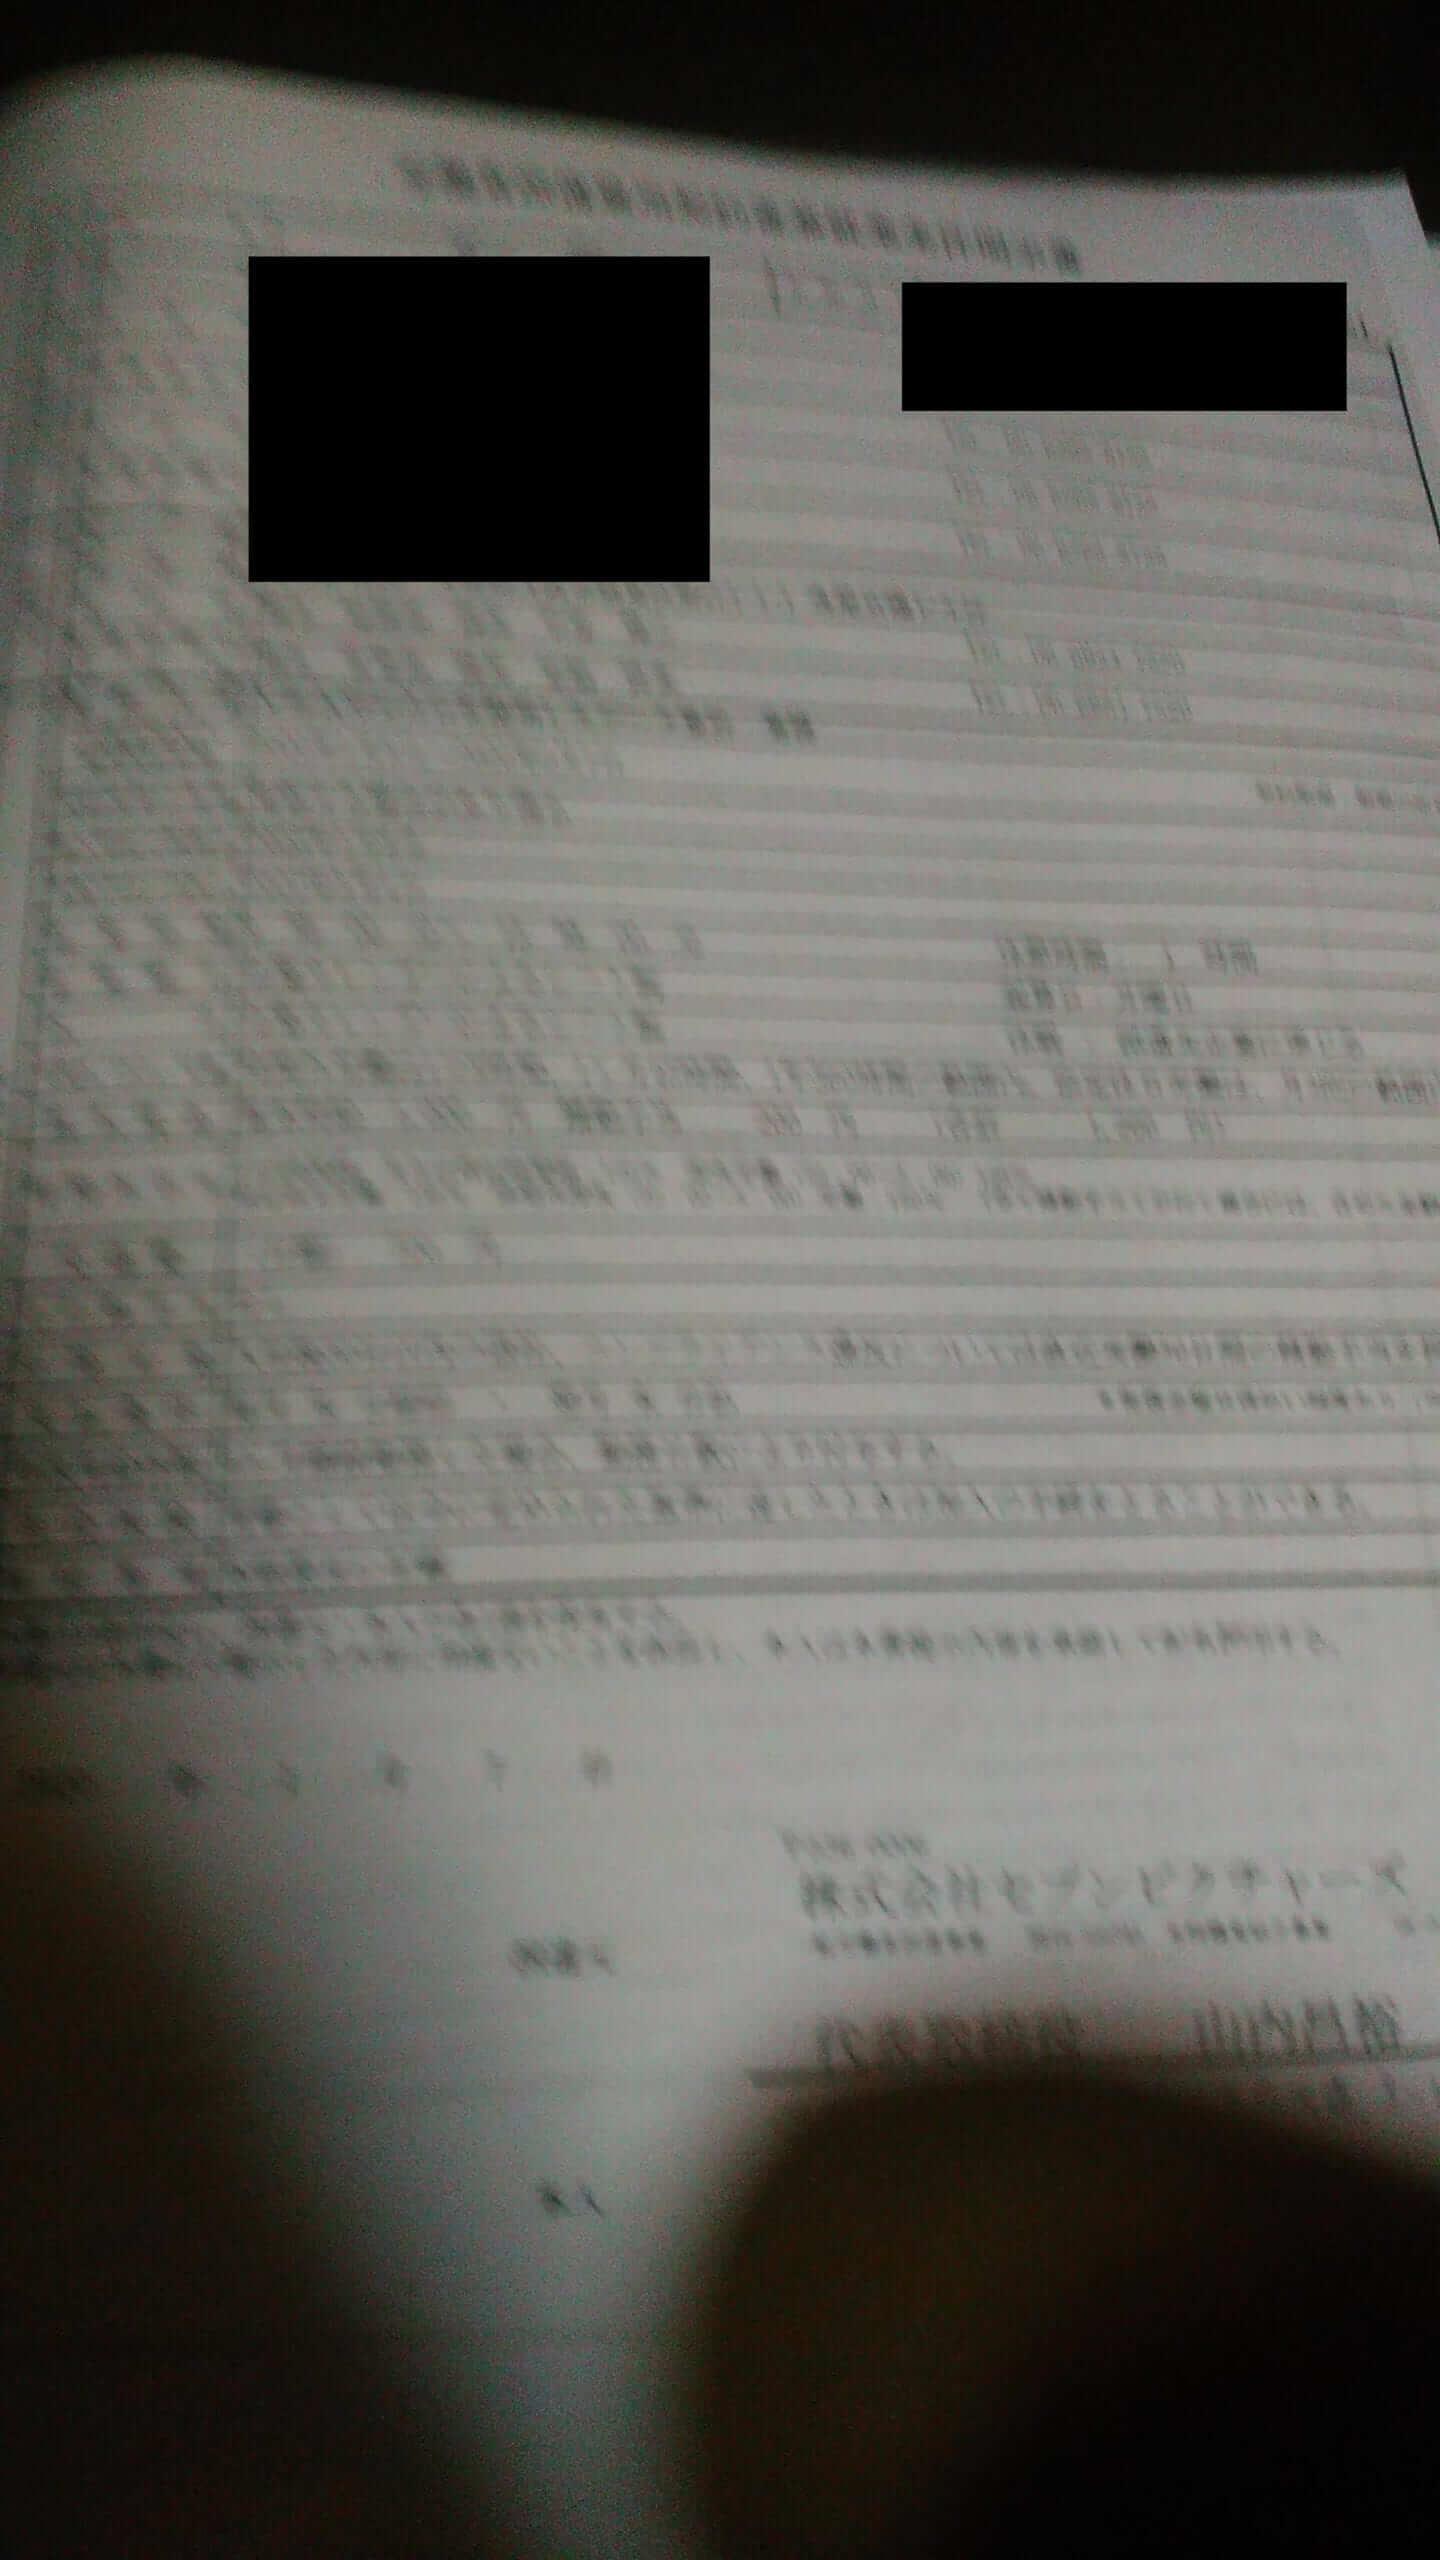 株式会社セブンピクチャーズ 大阪オフィス